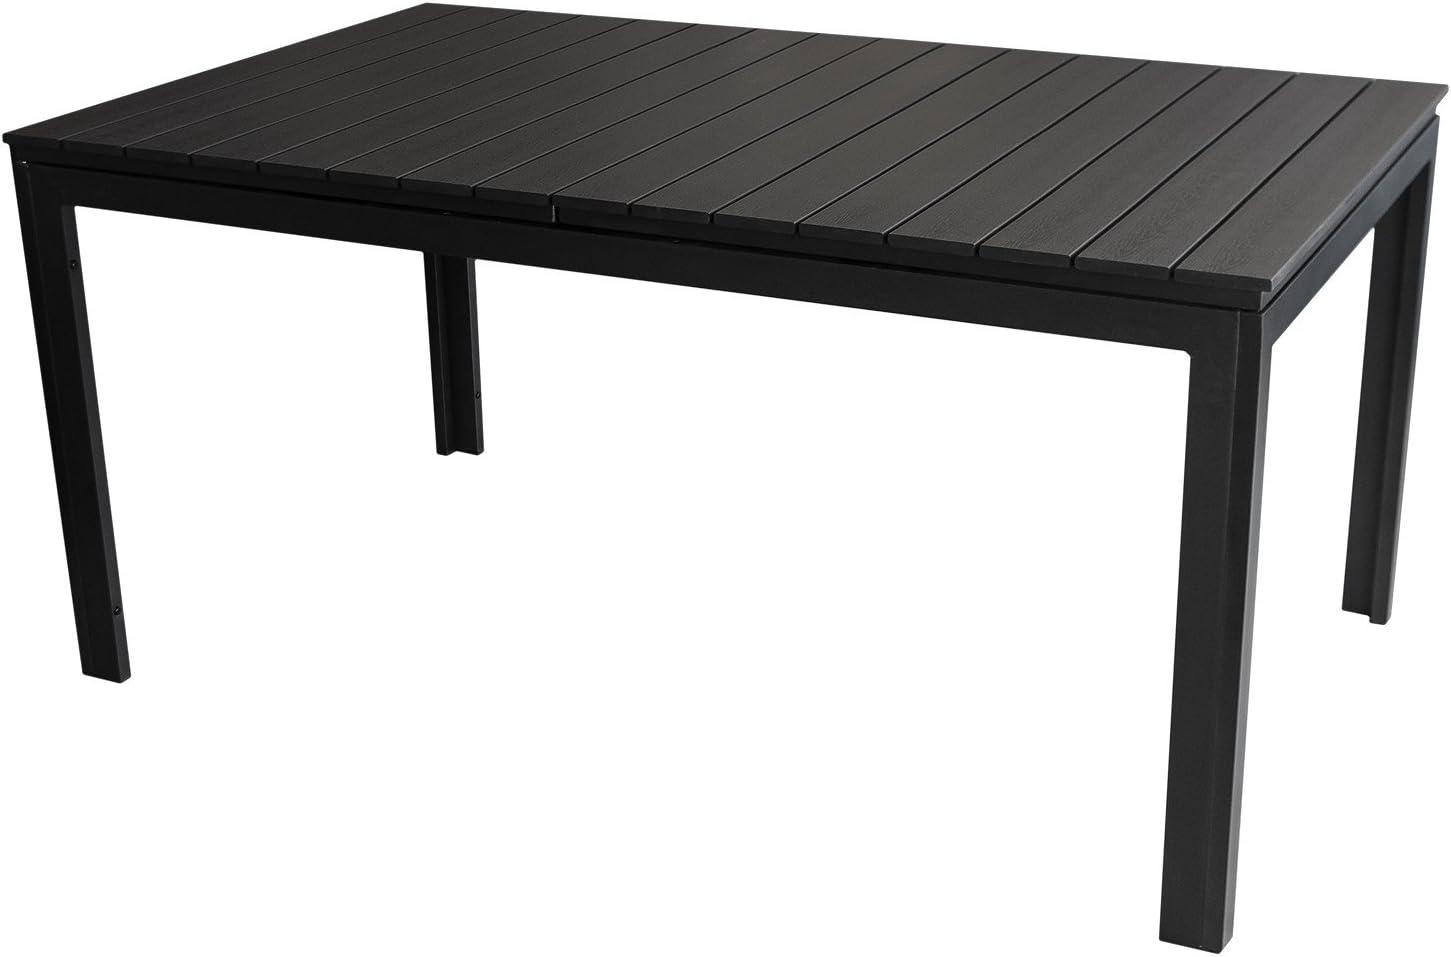 Mesa extensible Jardín Mesa – 160/210 x 95 cm, aluminio, polywood, Negro/Terraza mesa Muebles de Jardín muebles de terraza: Amazon.es: Jardín